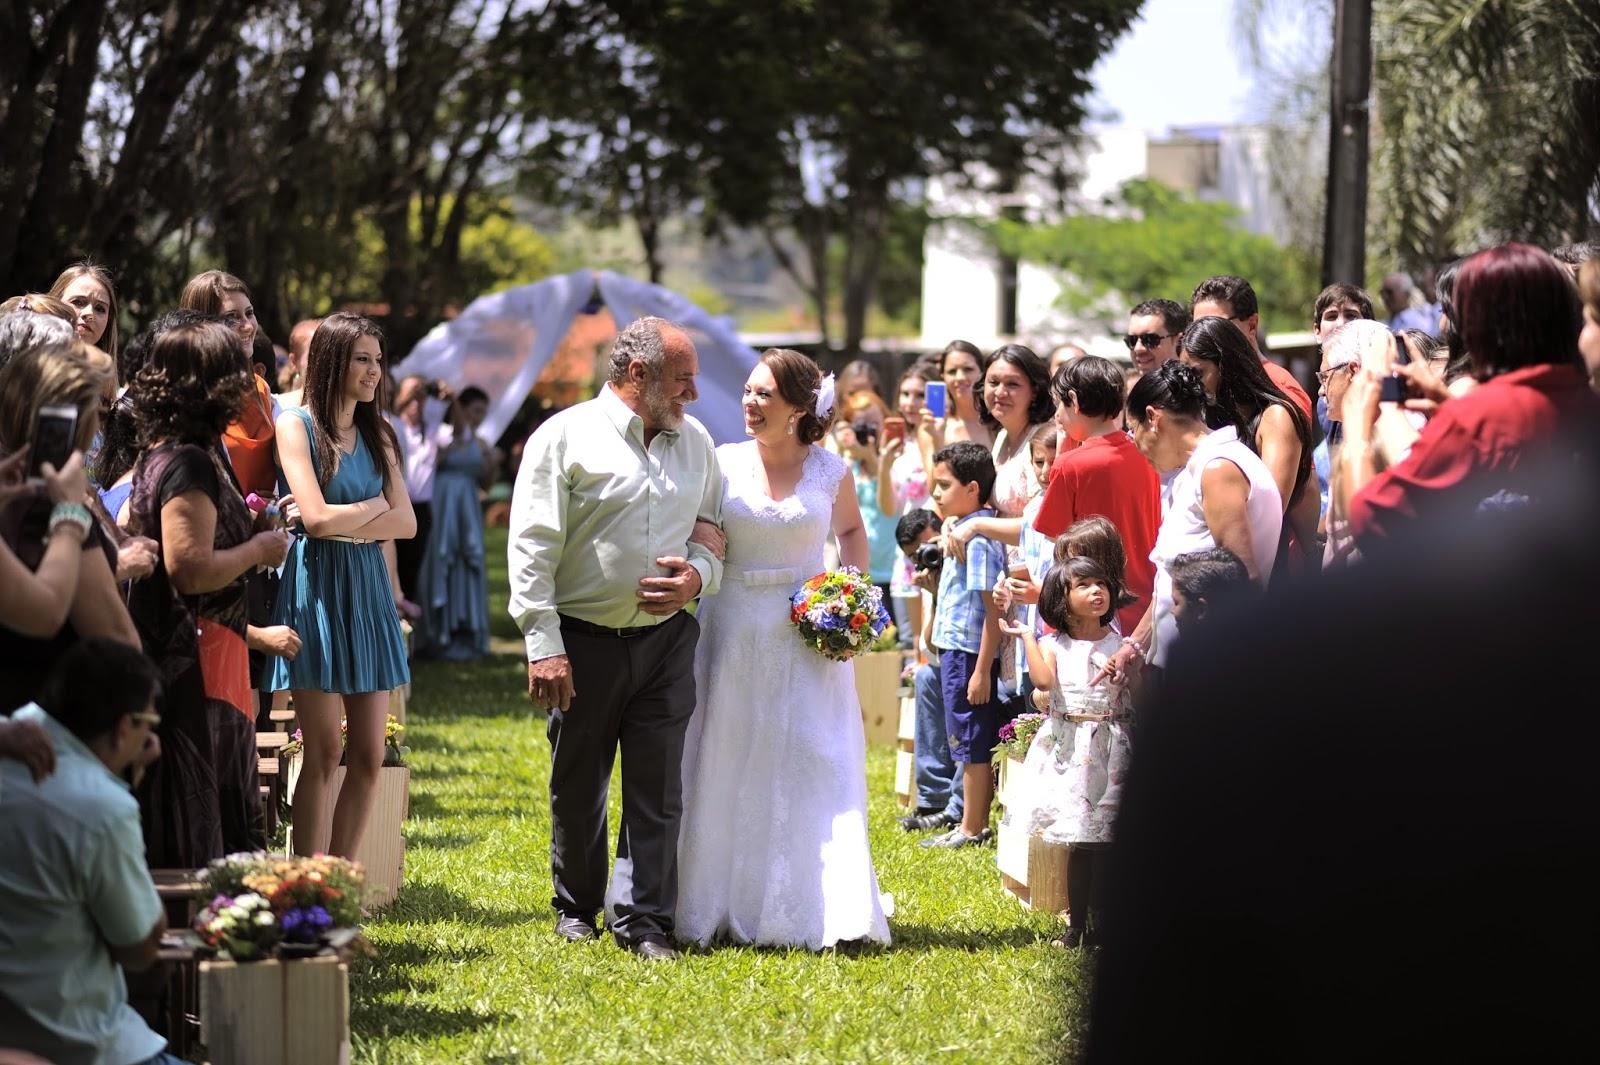 cerimonia-entrada-noiva-casamento-dia-azul-amarelo